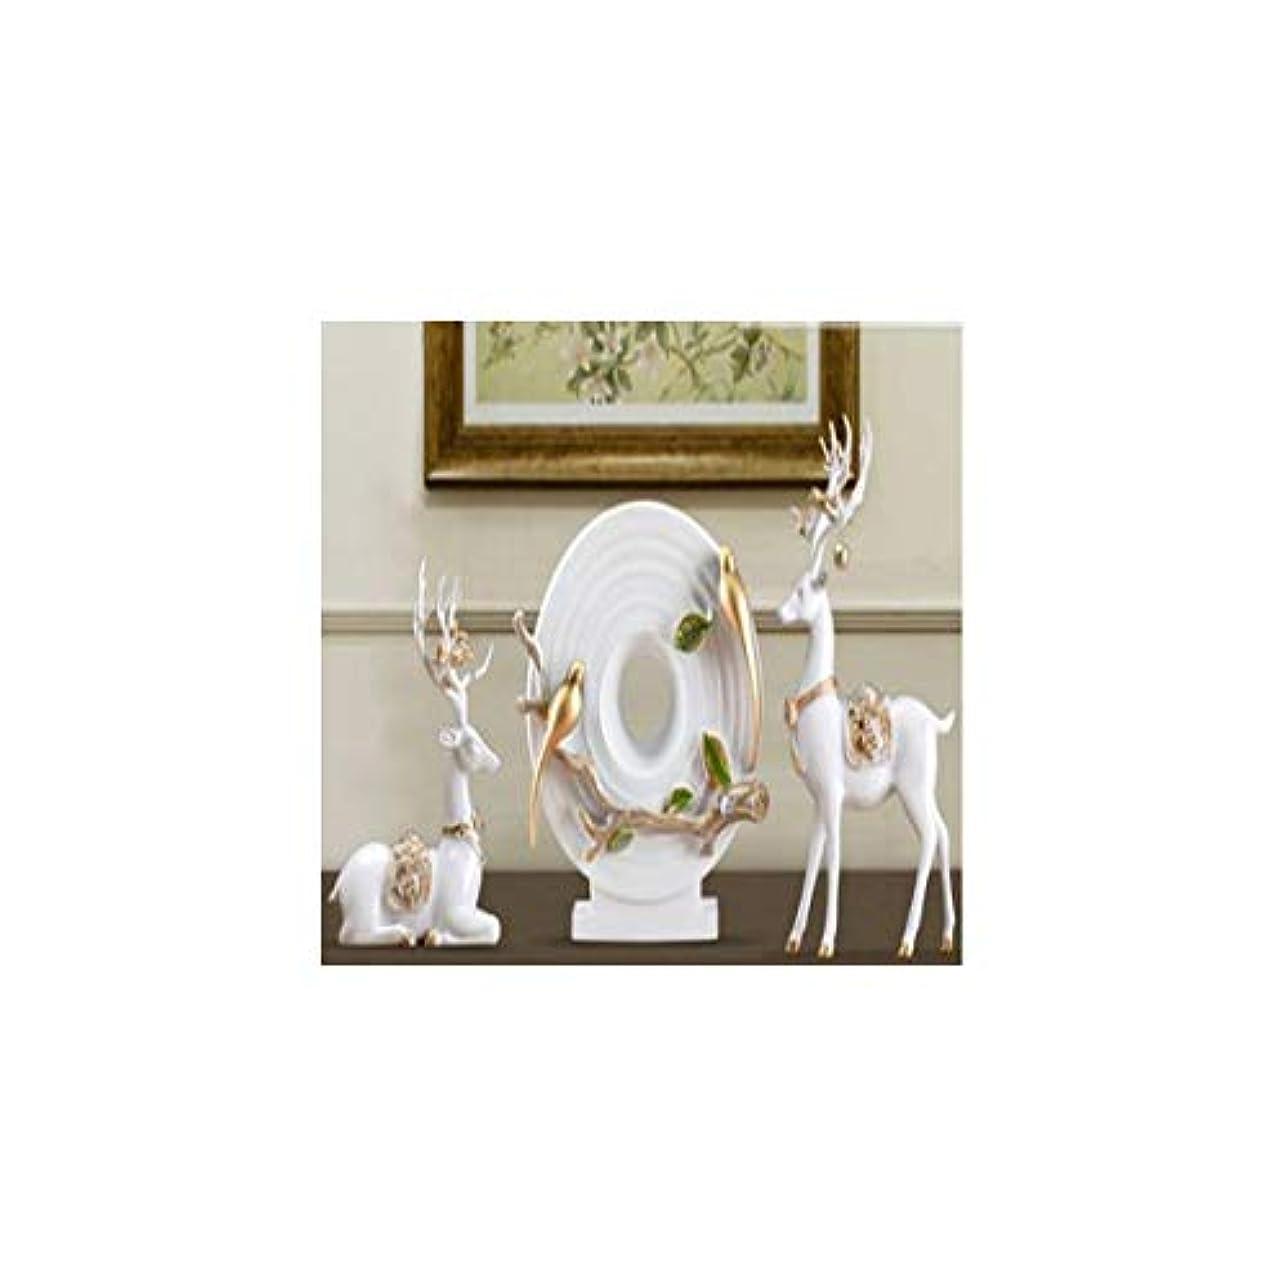 マウスピース試すインキュバスYougou01 クリエイティブアメリカン鹿の装飾品花瓶リビングルーム新しい家の結婚式のギフトワインキャビネットテレビキャビネットホームソフト装飾家具 、創造的な装飾 (Color : D)